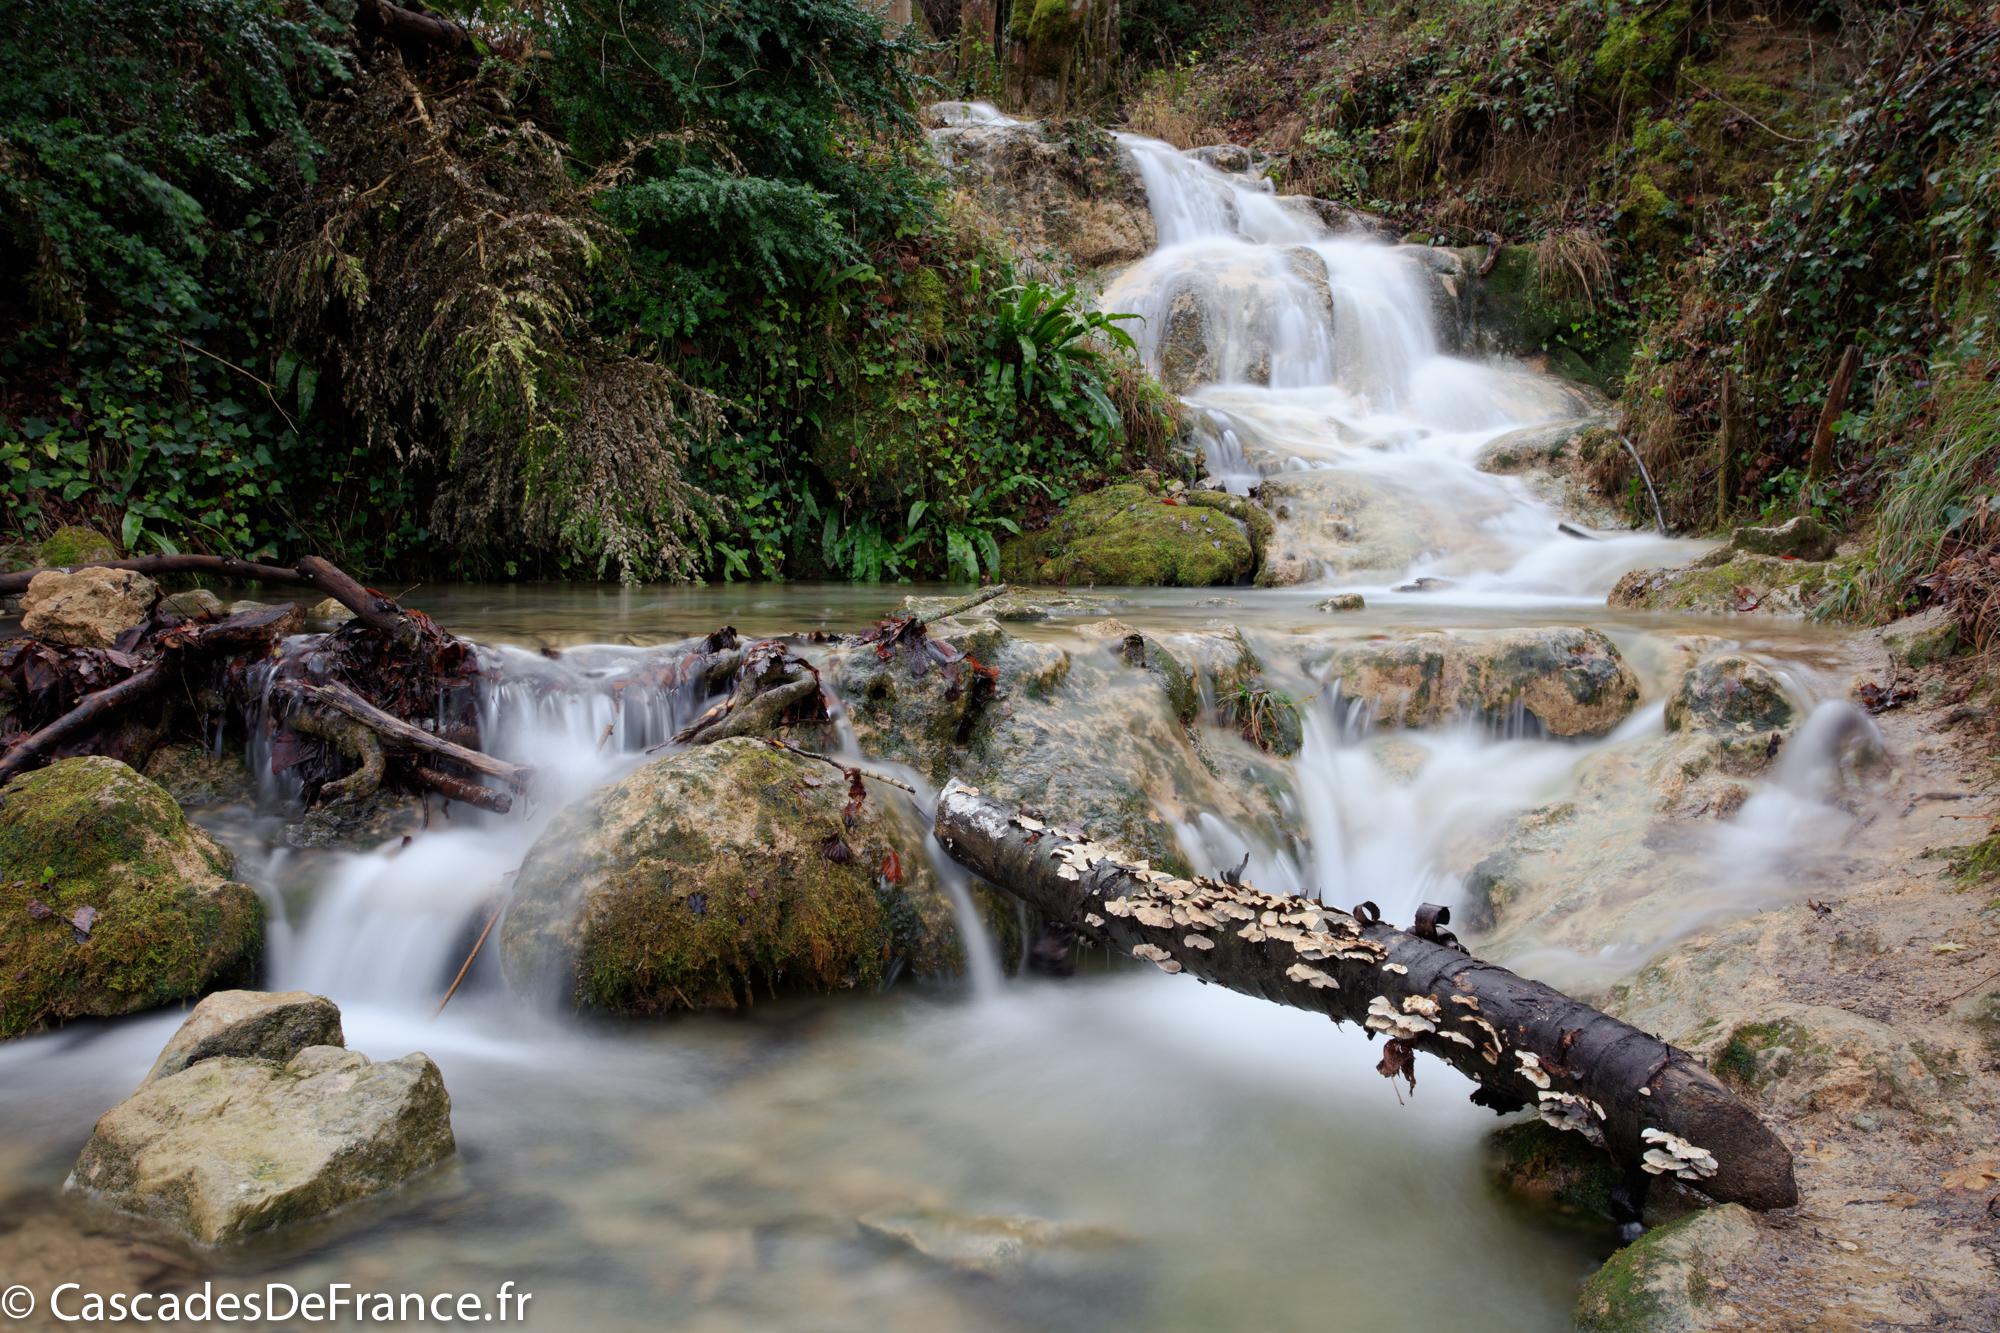 2I6A6171-cascade roquefort les cascades-cdf